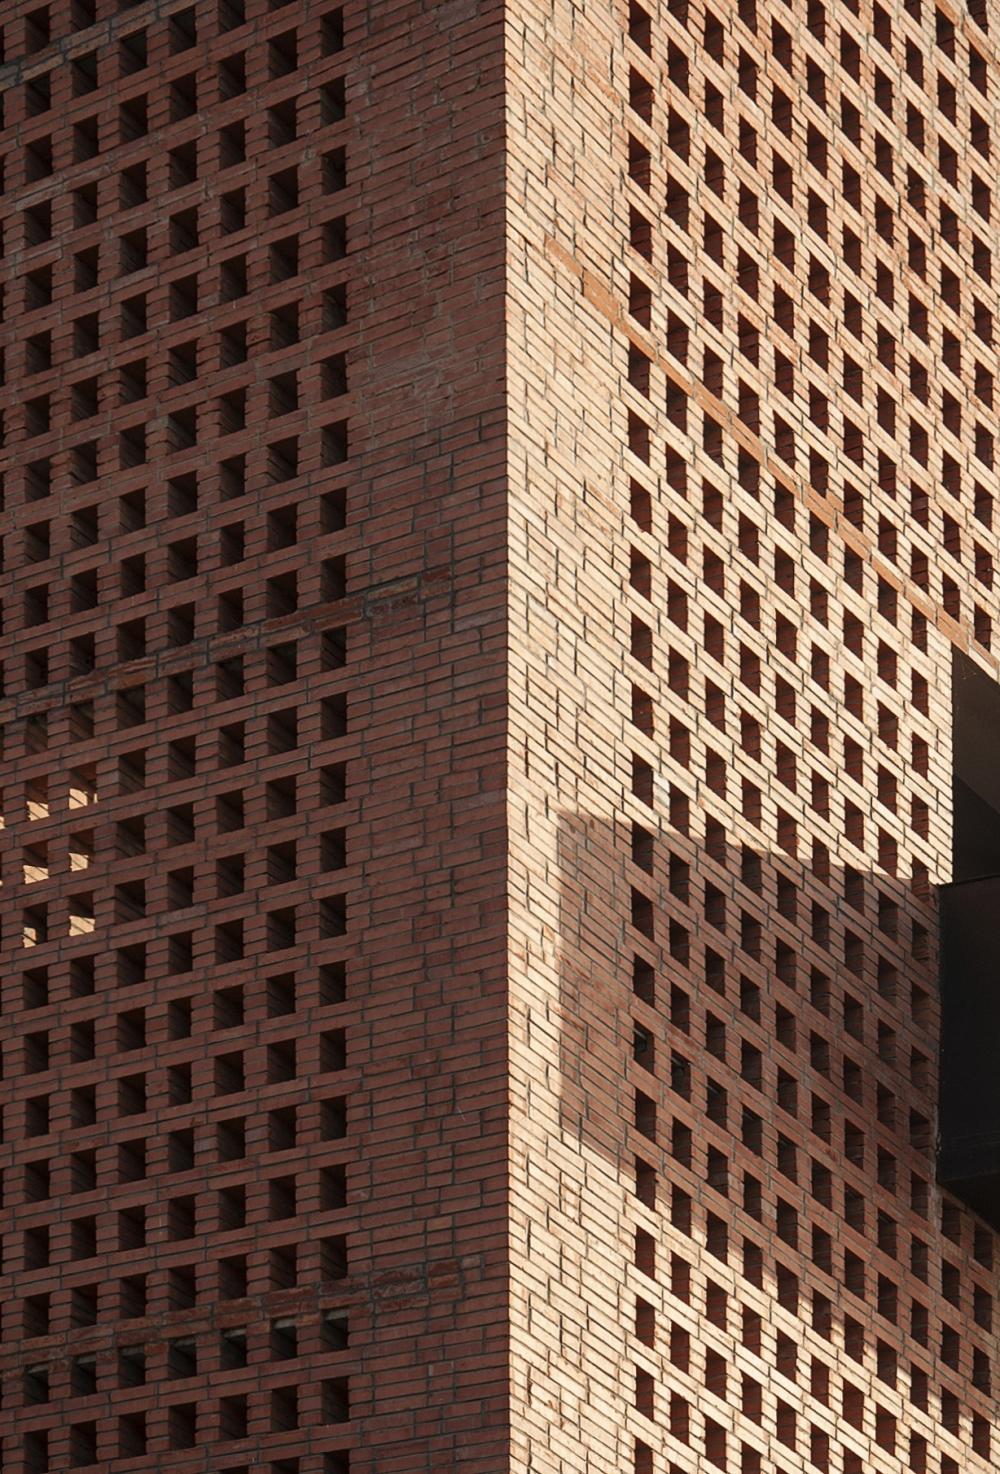 Художественный центр «Кирпичная башня»<br>Фото © Zhi Geng